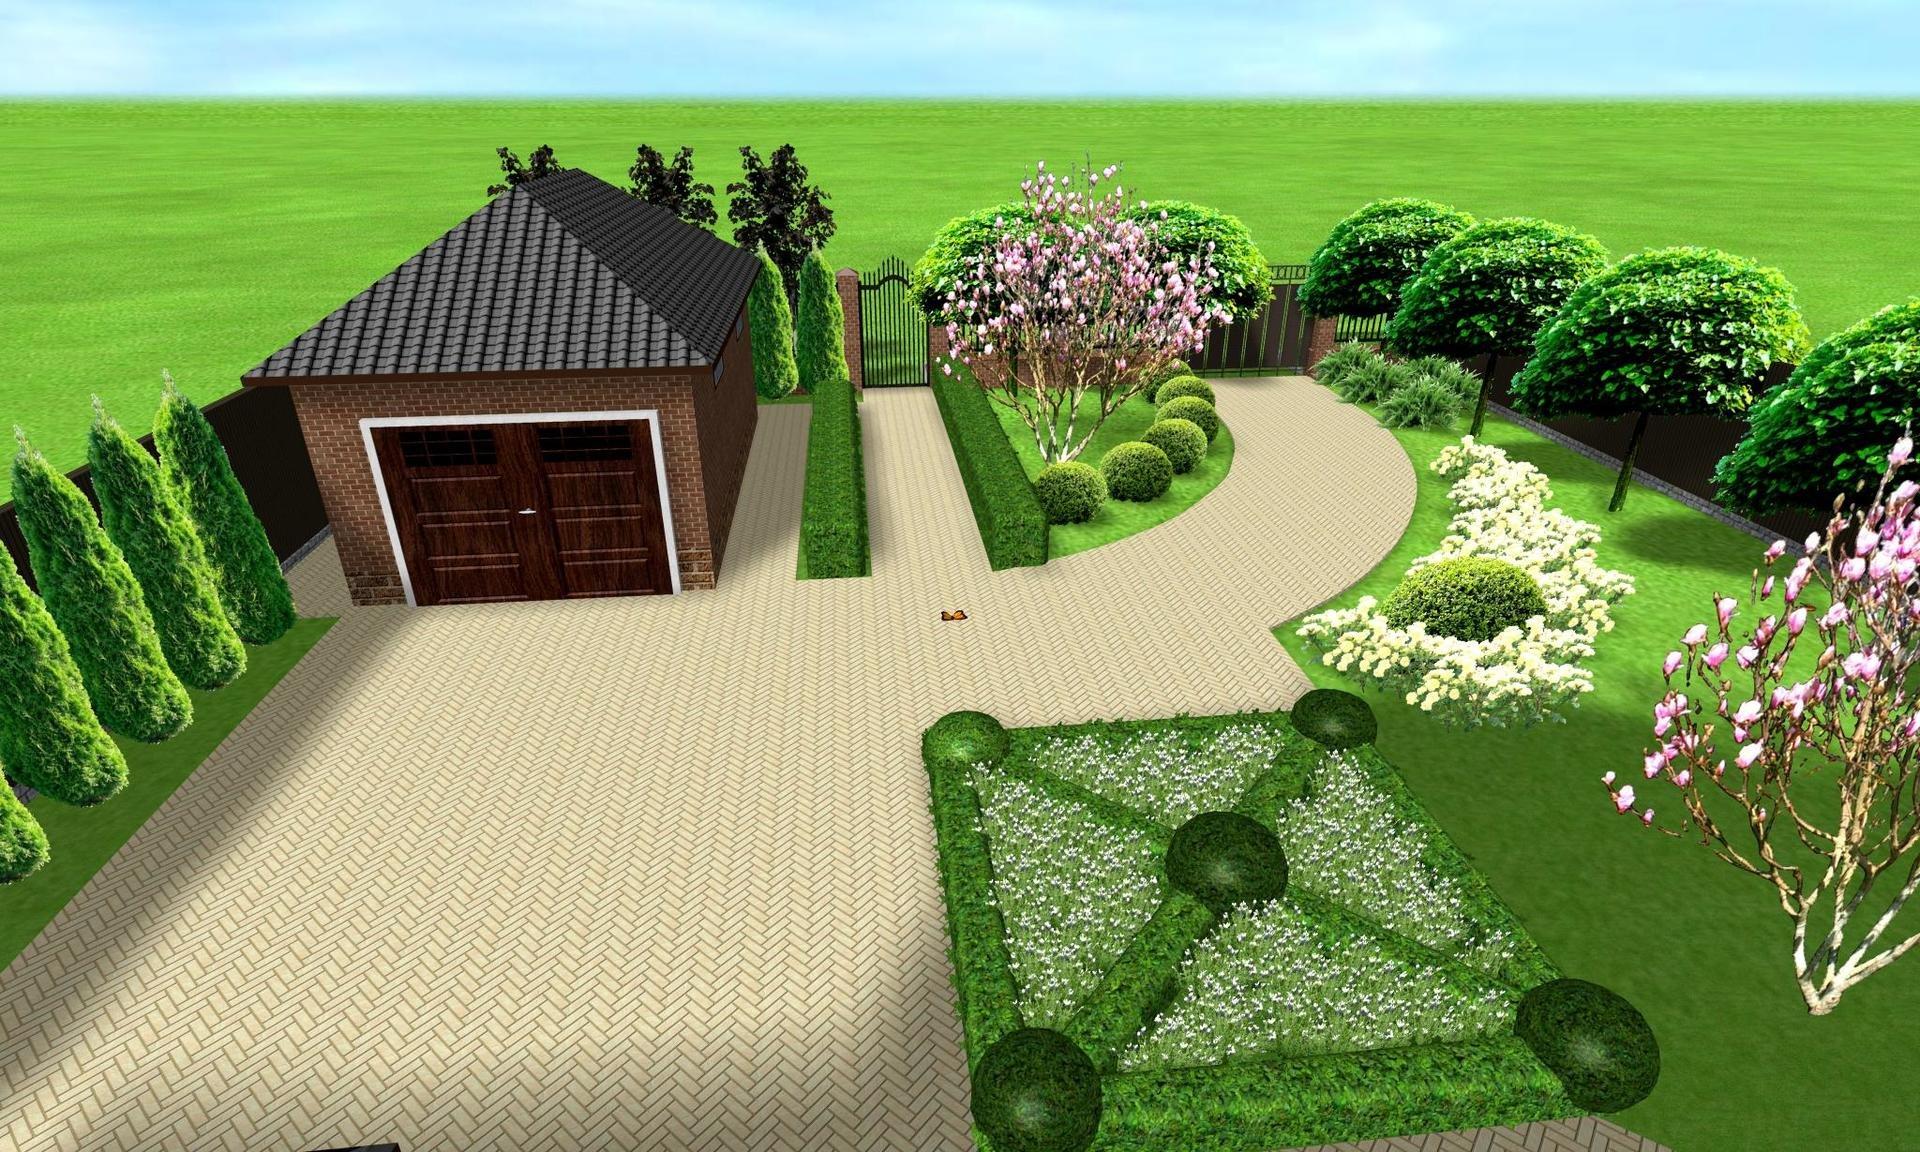 Планировка участка 20 соток: дизайн, фото, проекты с домом, баней и хозпостройками, ландшафтный дизайн дачной территории, готовые решения и как распланировать самому